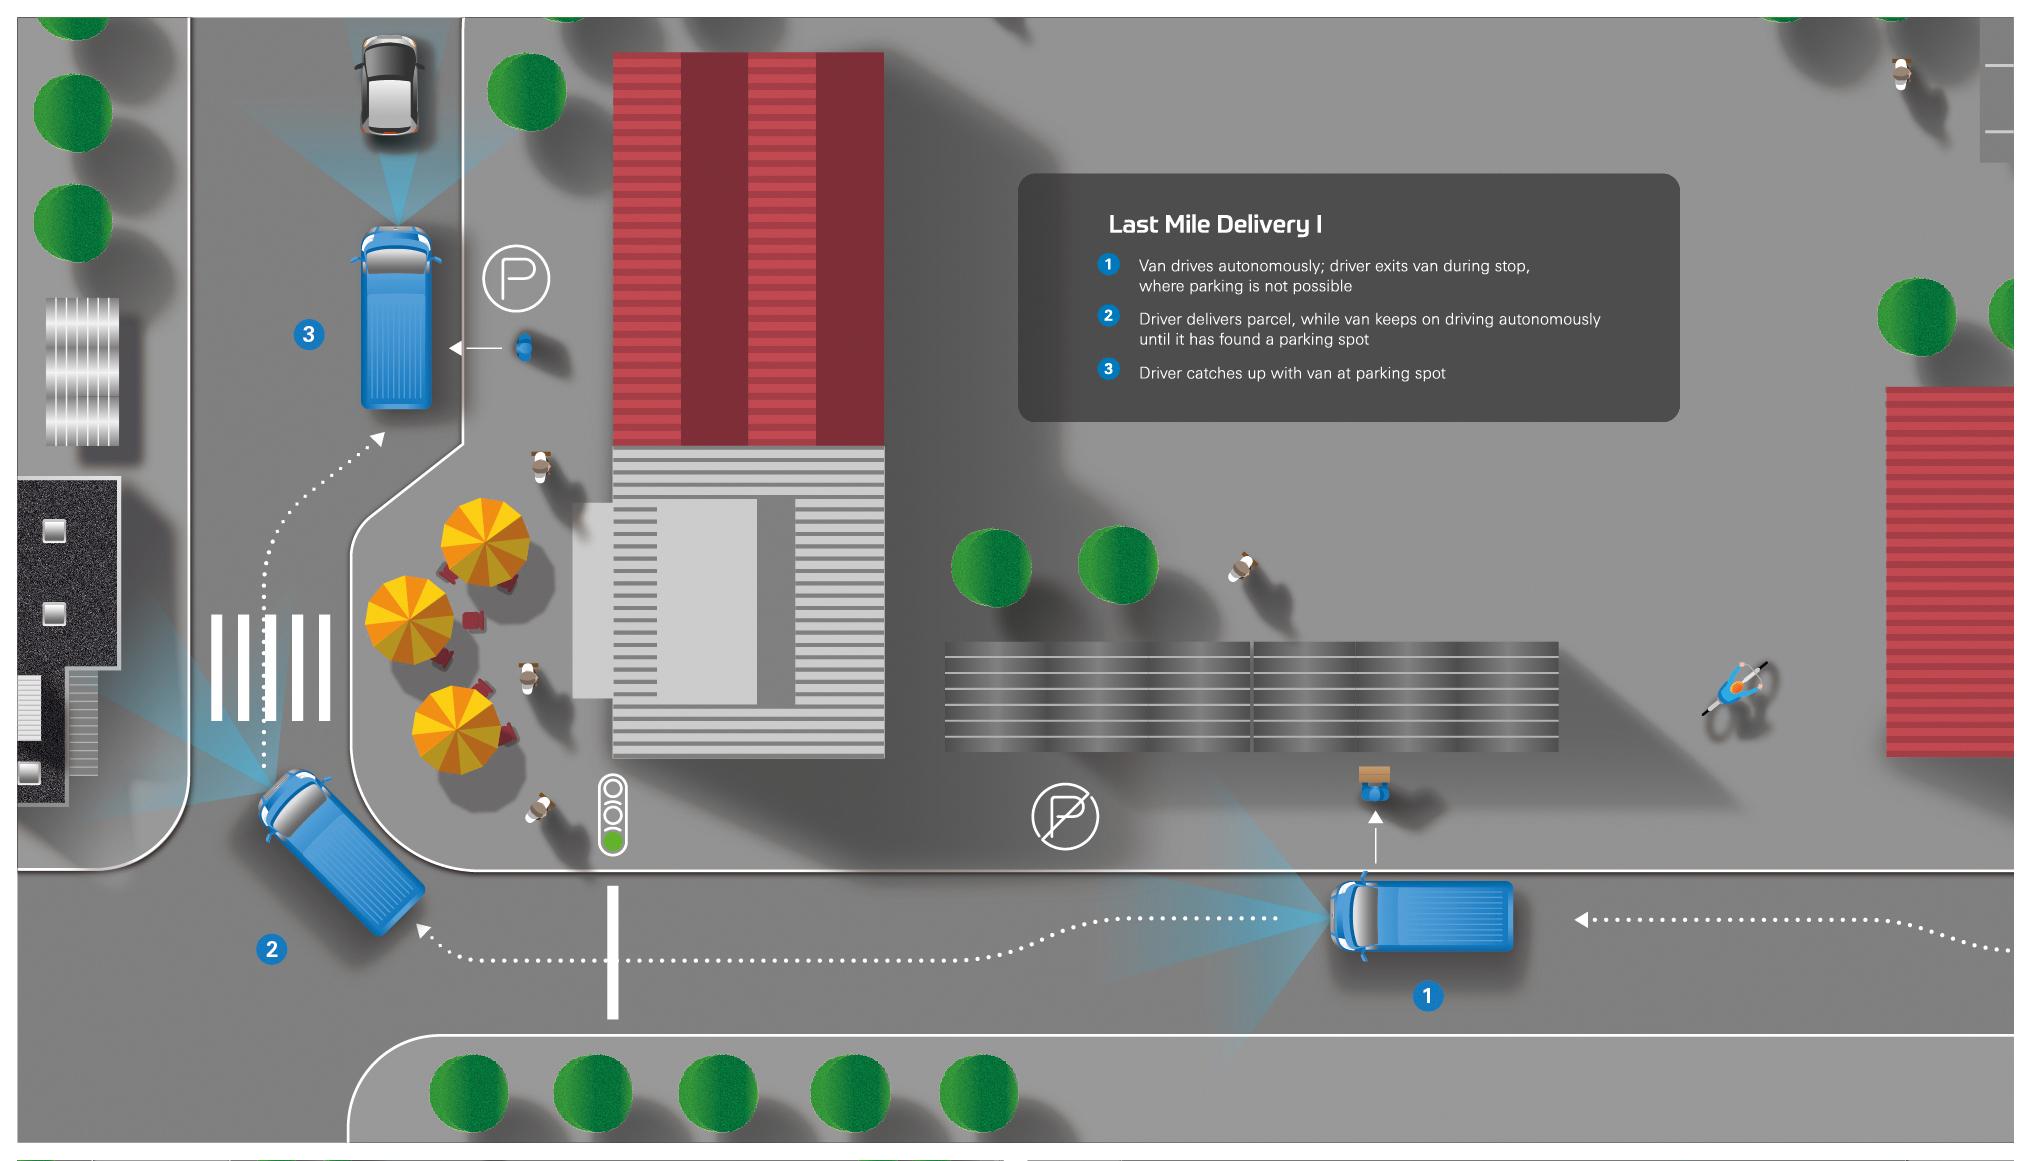 Punctual parcel delivery through autonomous systems - ZF